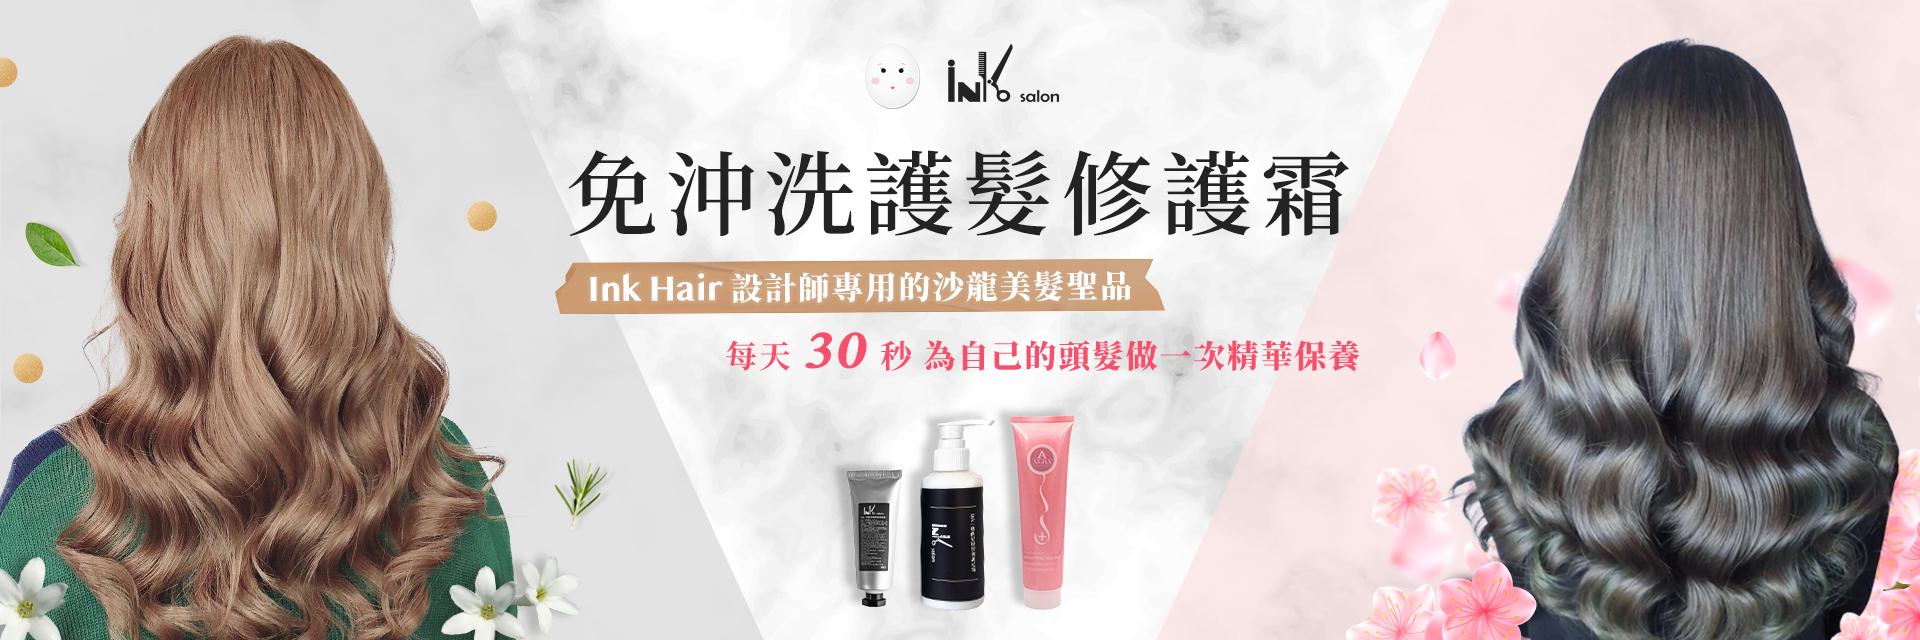 Ink Hair設計師專用的沙龍美髮聖品免沖洗護髮修護霜